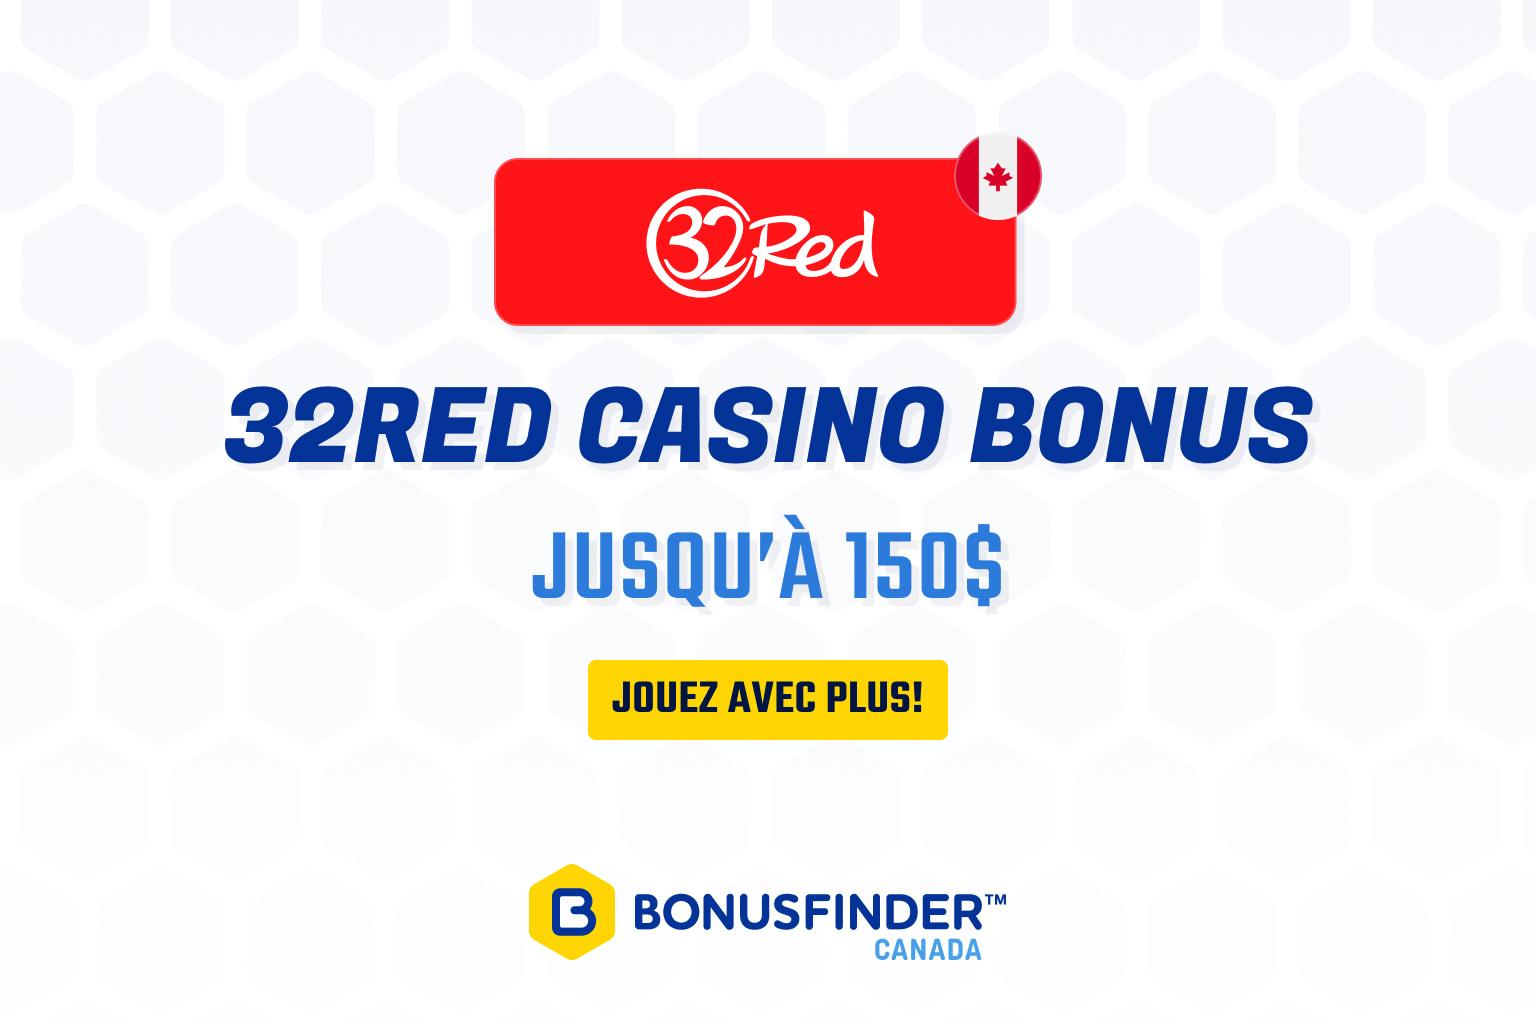 32red casino bonus